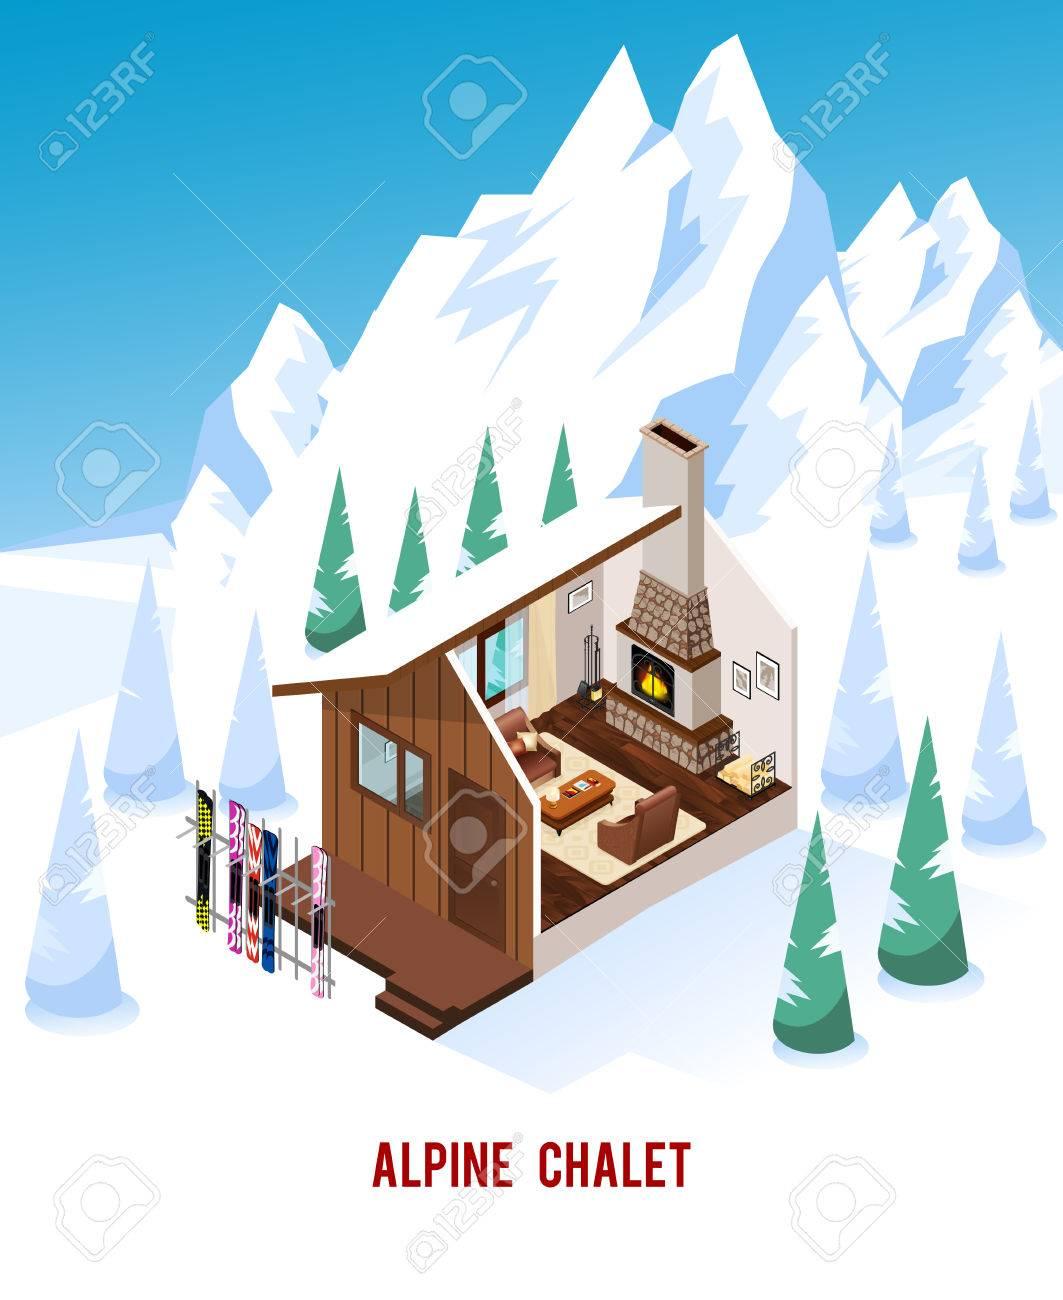 Mobilier Pour Chalet Montagne chalet alpin avec support pour skis cheminée classique et un mobilier  confortable dans les montagnes d'hiver isométrique illustration vectorielle